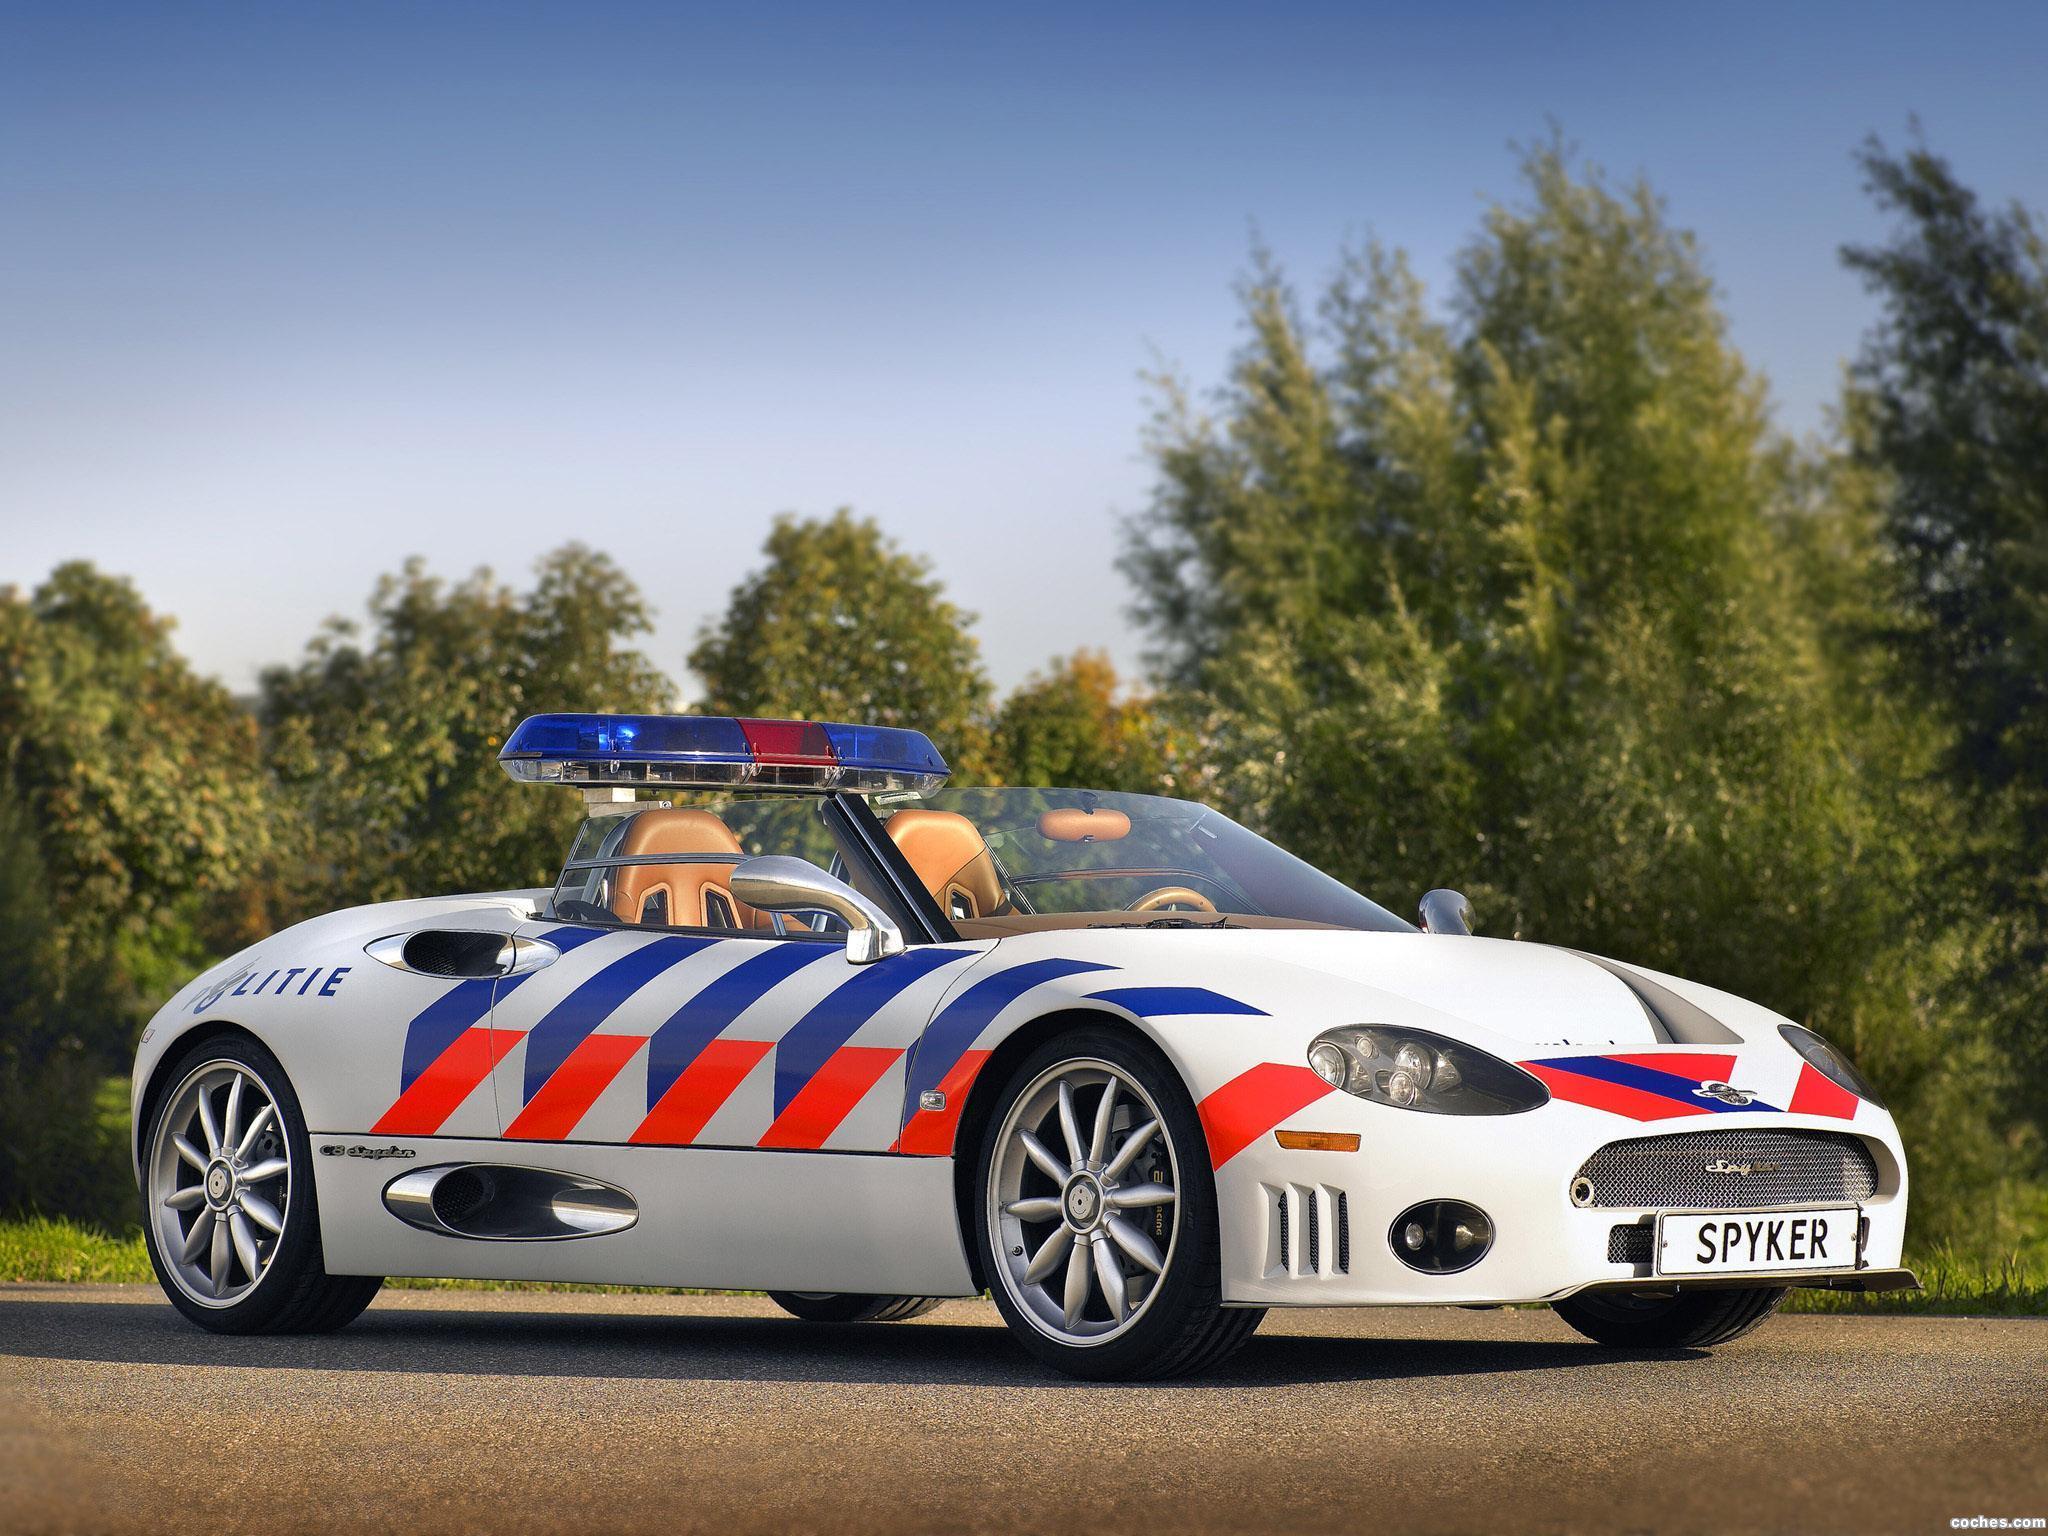 Foto 0 de Spyker C8 Spyder Politie 2006